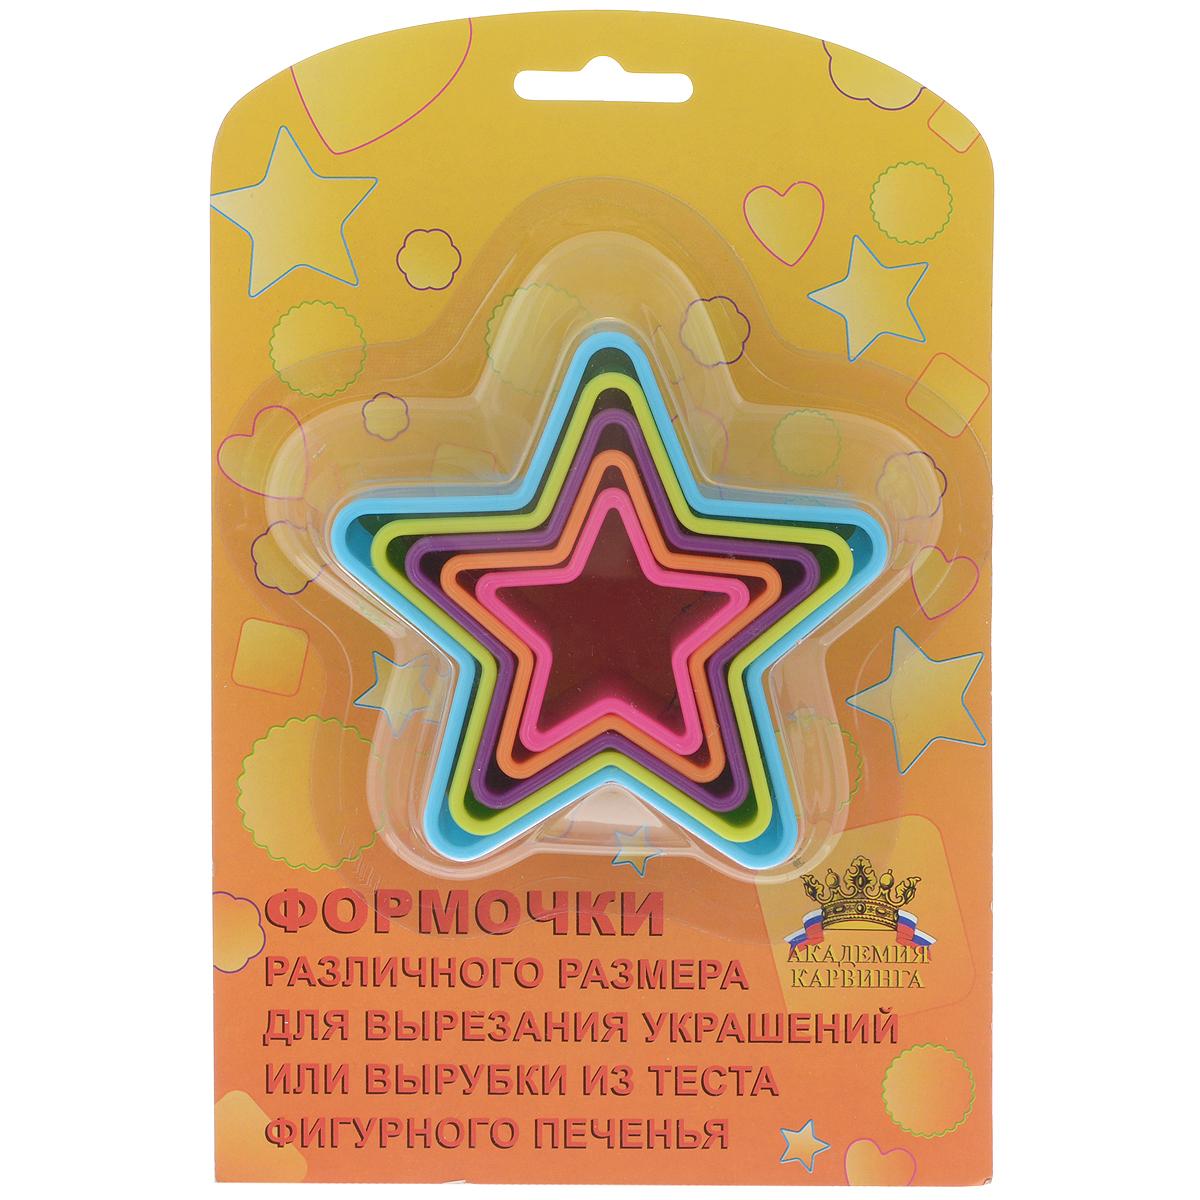 Набор формочек Borner Звезда, 5 шт861015Набор Borner Звезда, изготовленный из пищевого пластика, состоит из 5 формочек для вырезания украшений или вырубки из теста фигурного печенья. Формочки разных размеров и цветов выполнены в форме звезд. Если вы любите побаловать своих домашних вкусным и ароматным печеньем по вашему оригинальному рецепту, то набор формочек Borner Звезда как раз то, что вам нужно! Нельзя мыть в посудомоечной машине.